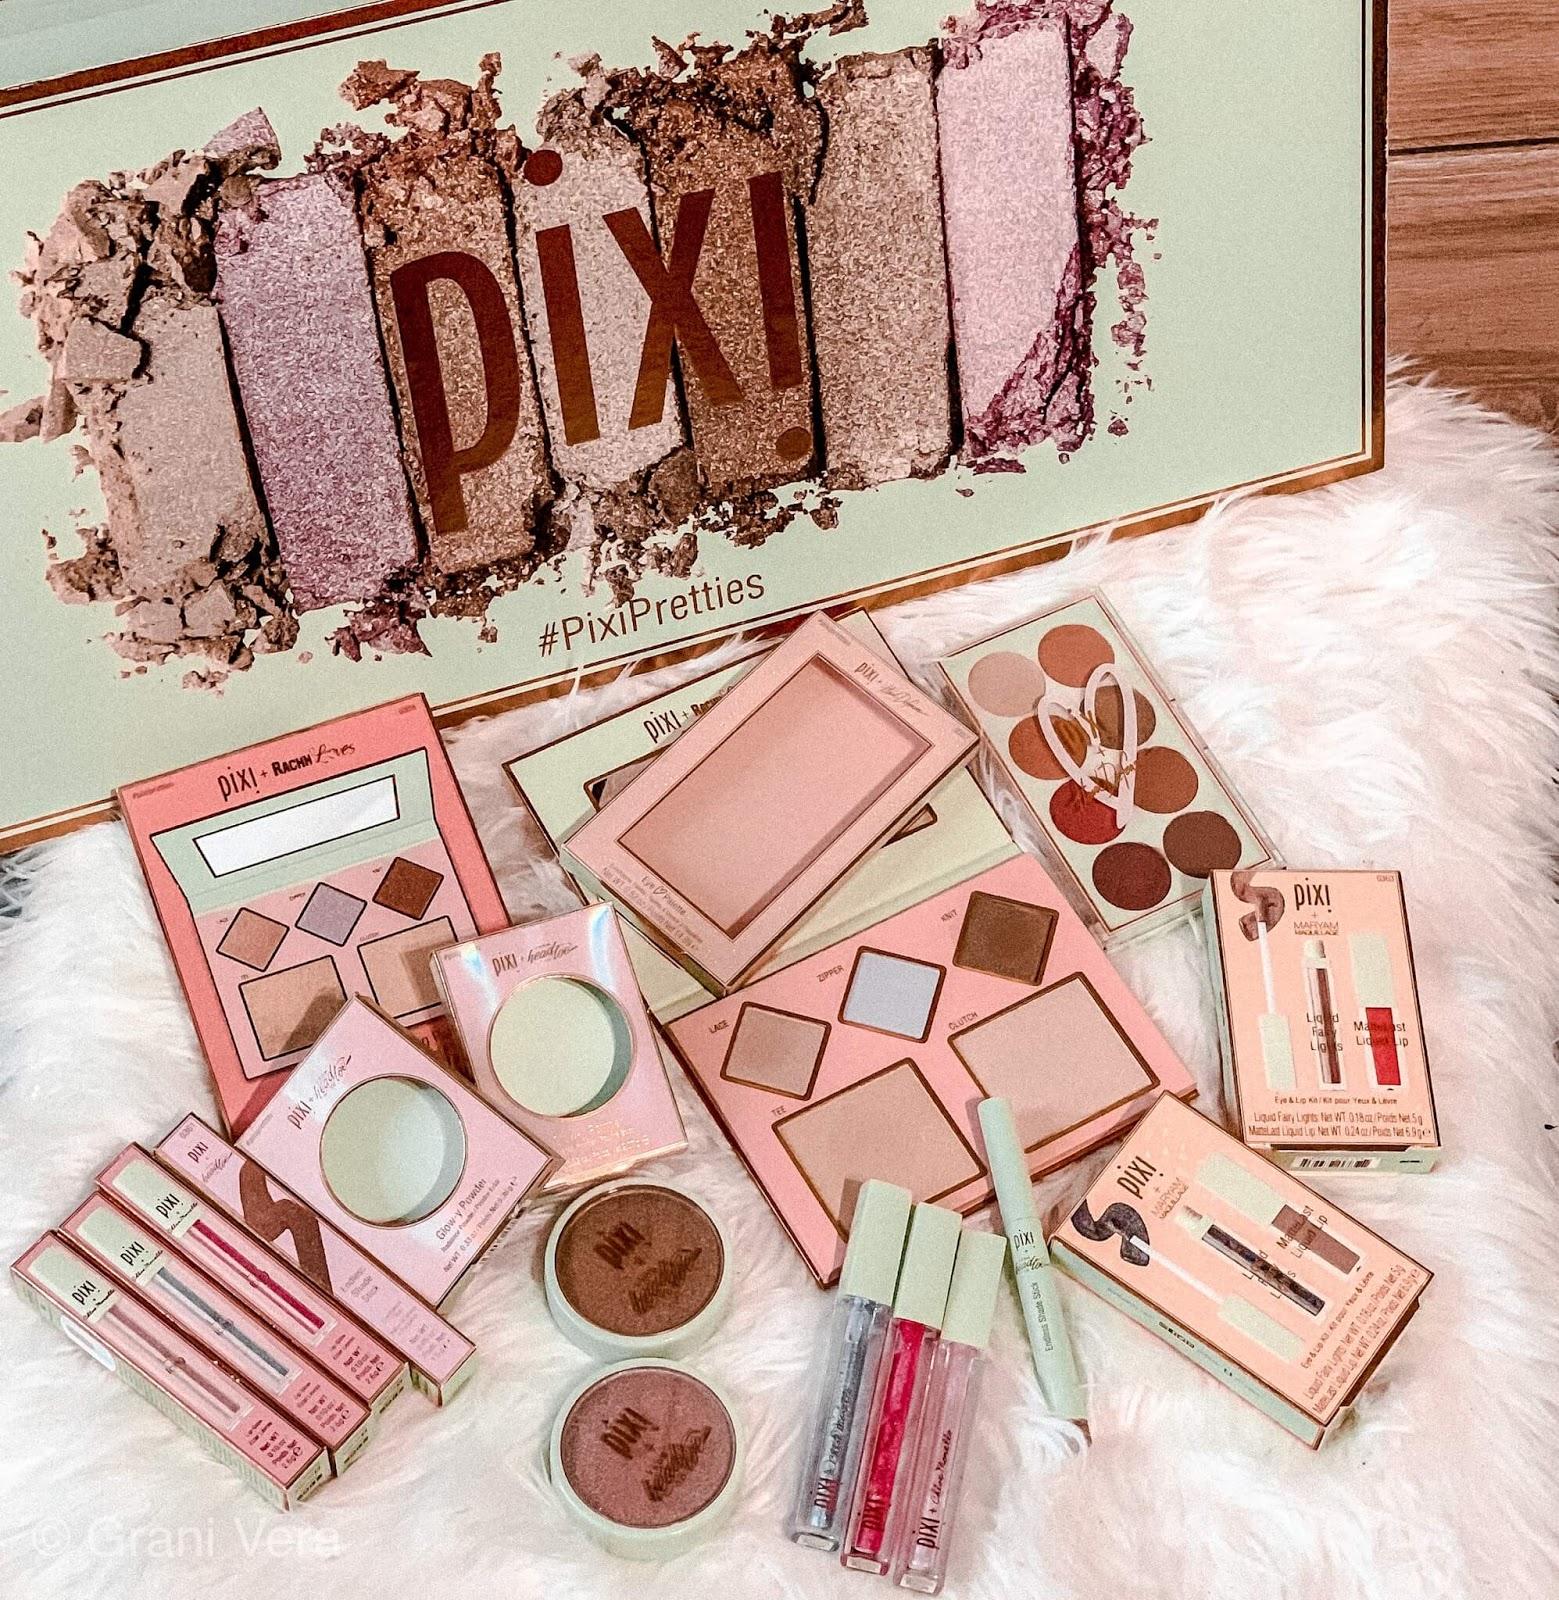 Pixi Pretties collection - swatche, dużo zdjęć i zapowiedz rozdania